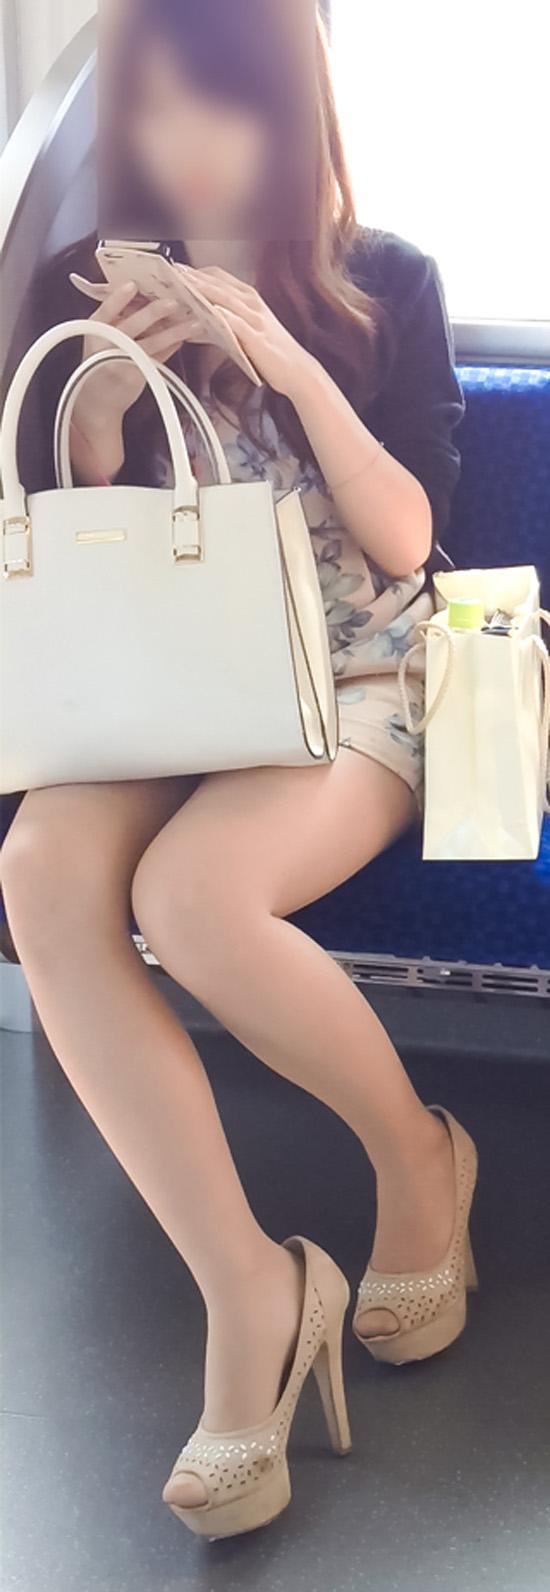 【美脚エロ画像】組むと余計にムッチリ際立つwパンツ度外視で電車内の太ももwww 04